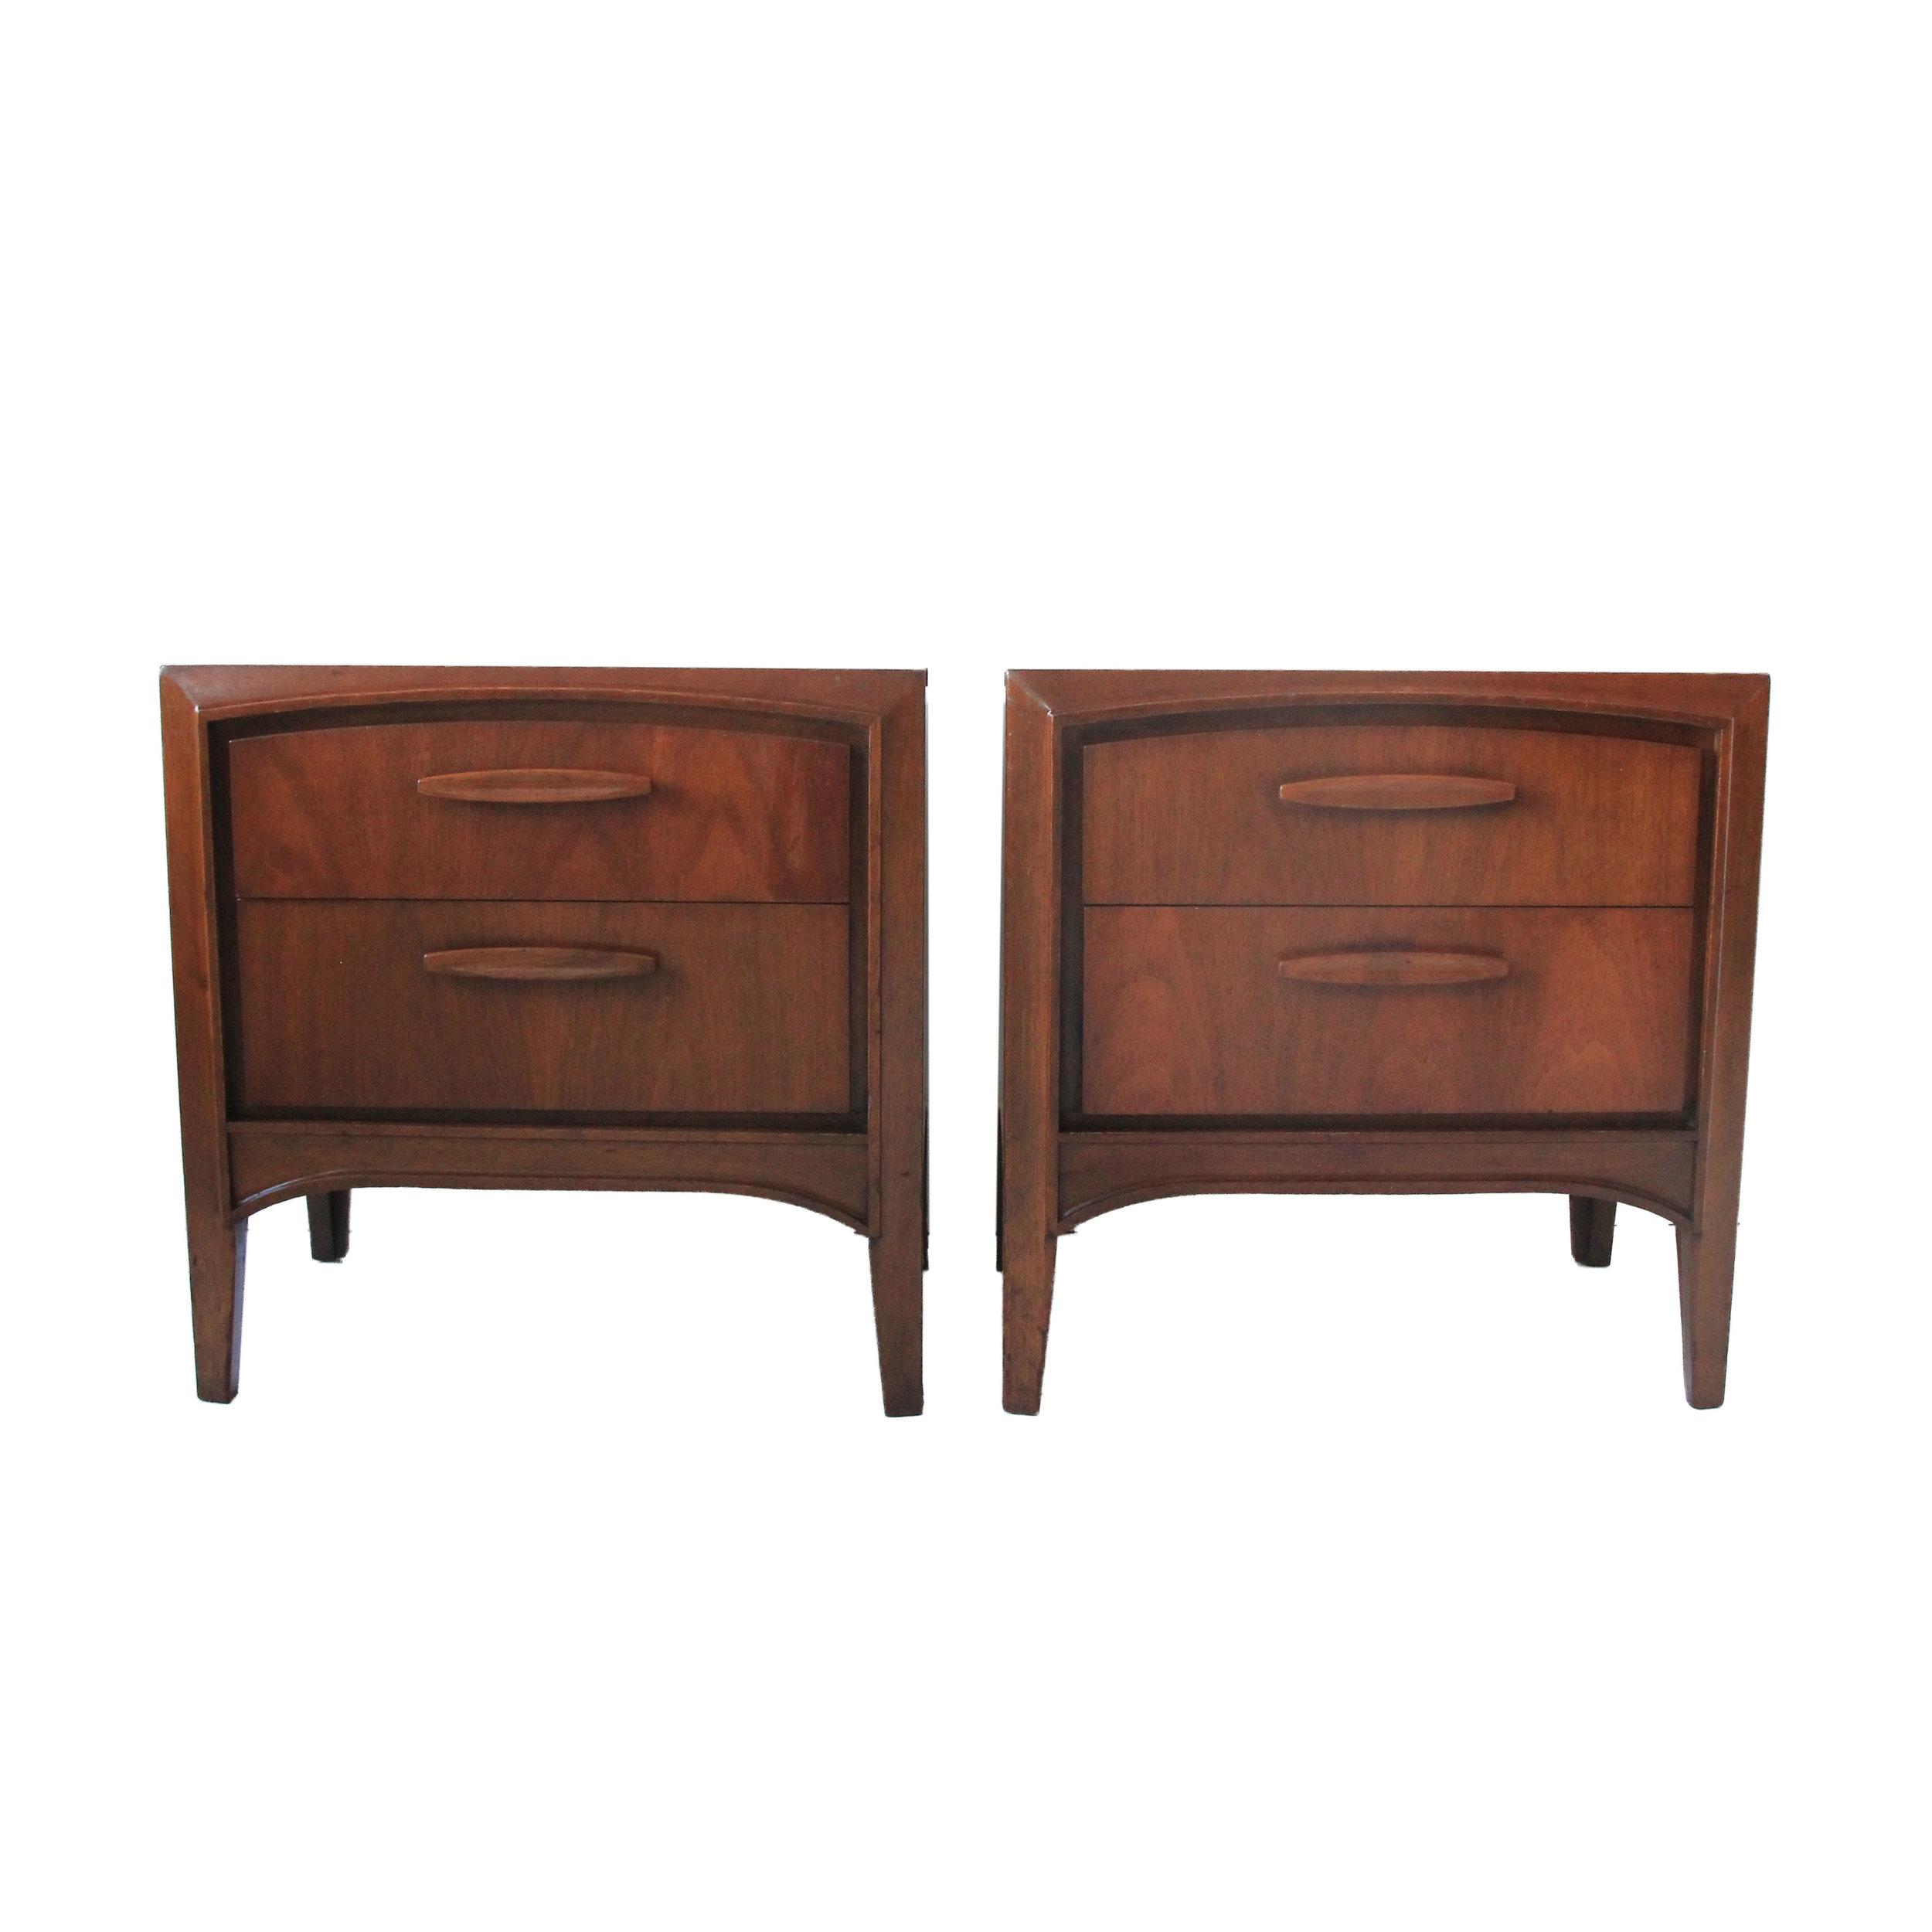 Vintage Mid Century Modern Pair of Nightstands